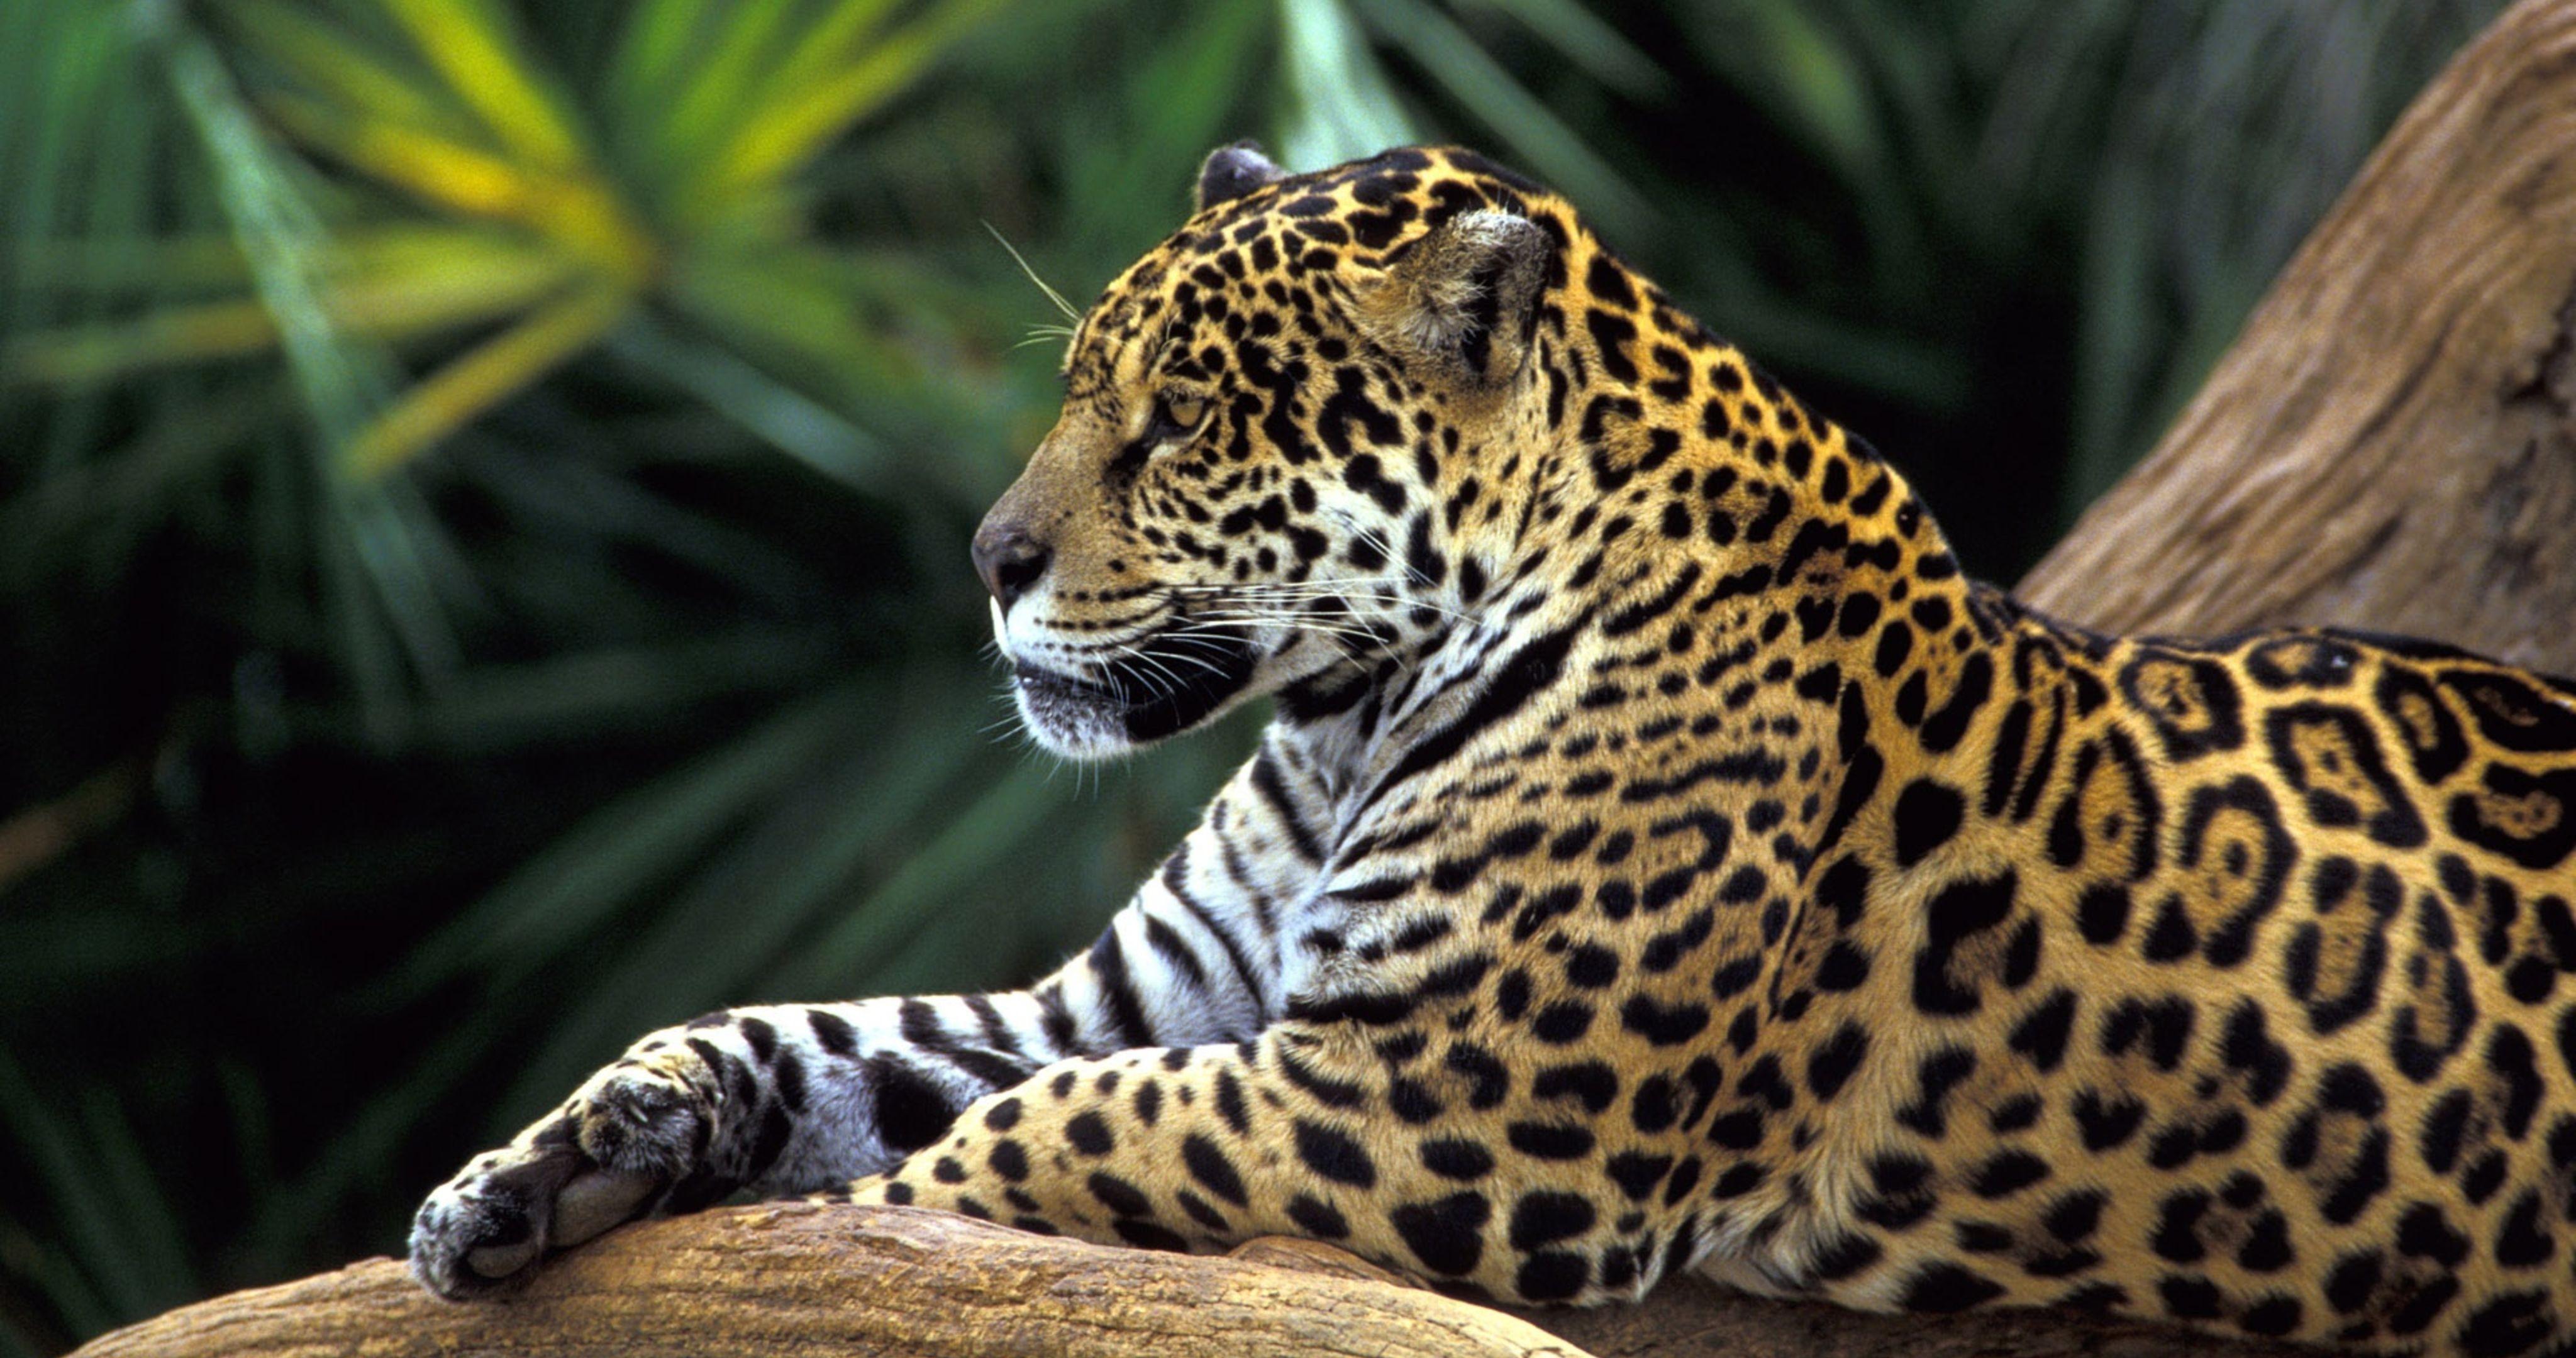 Обои для рабочего стола леопард скачать бесплатно